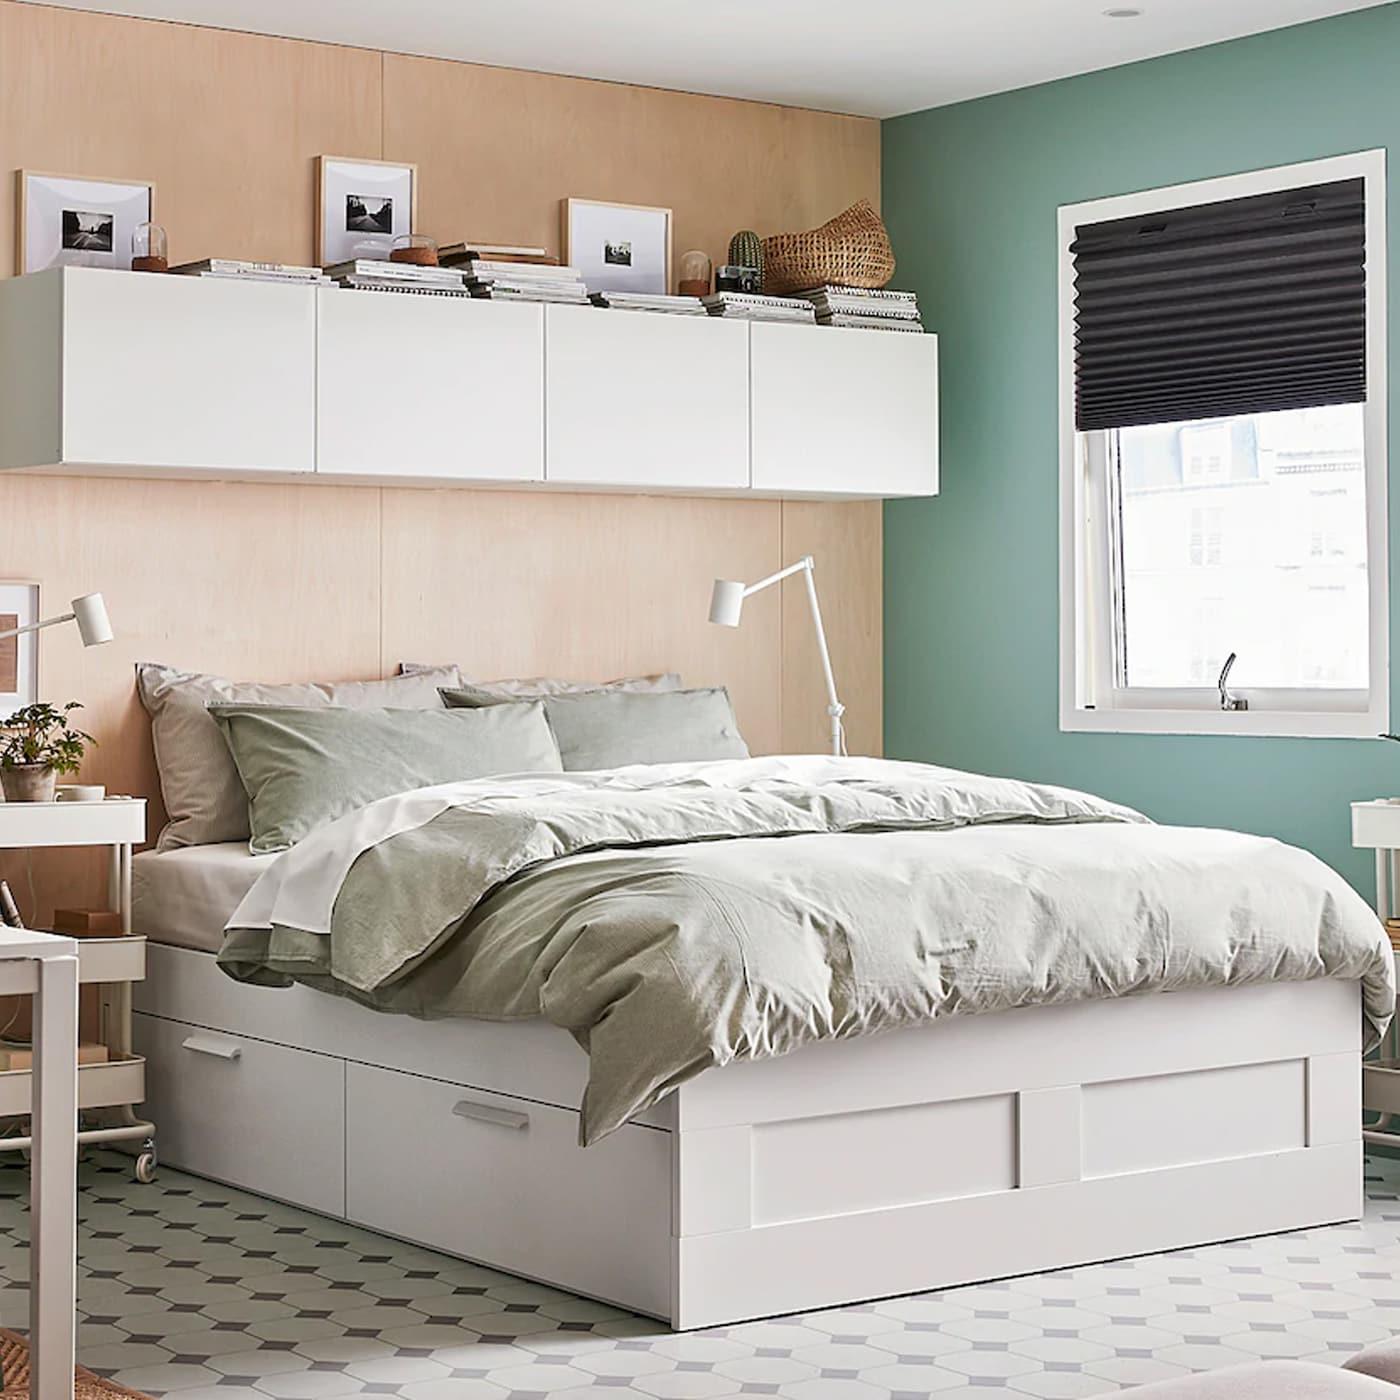 Senger og madrasser.